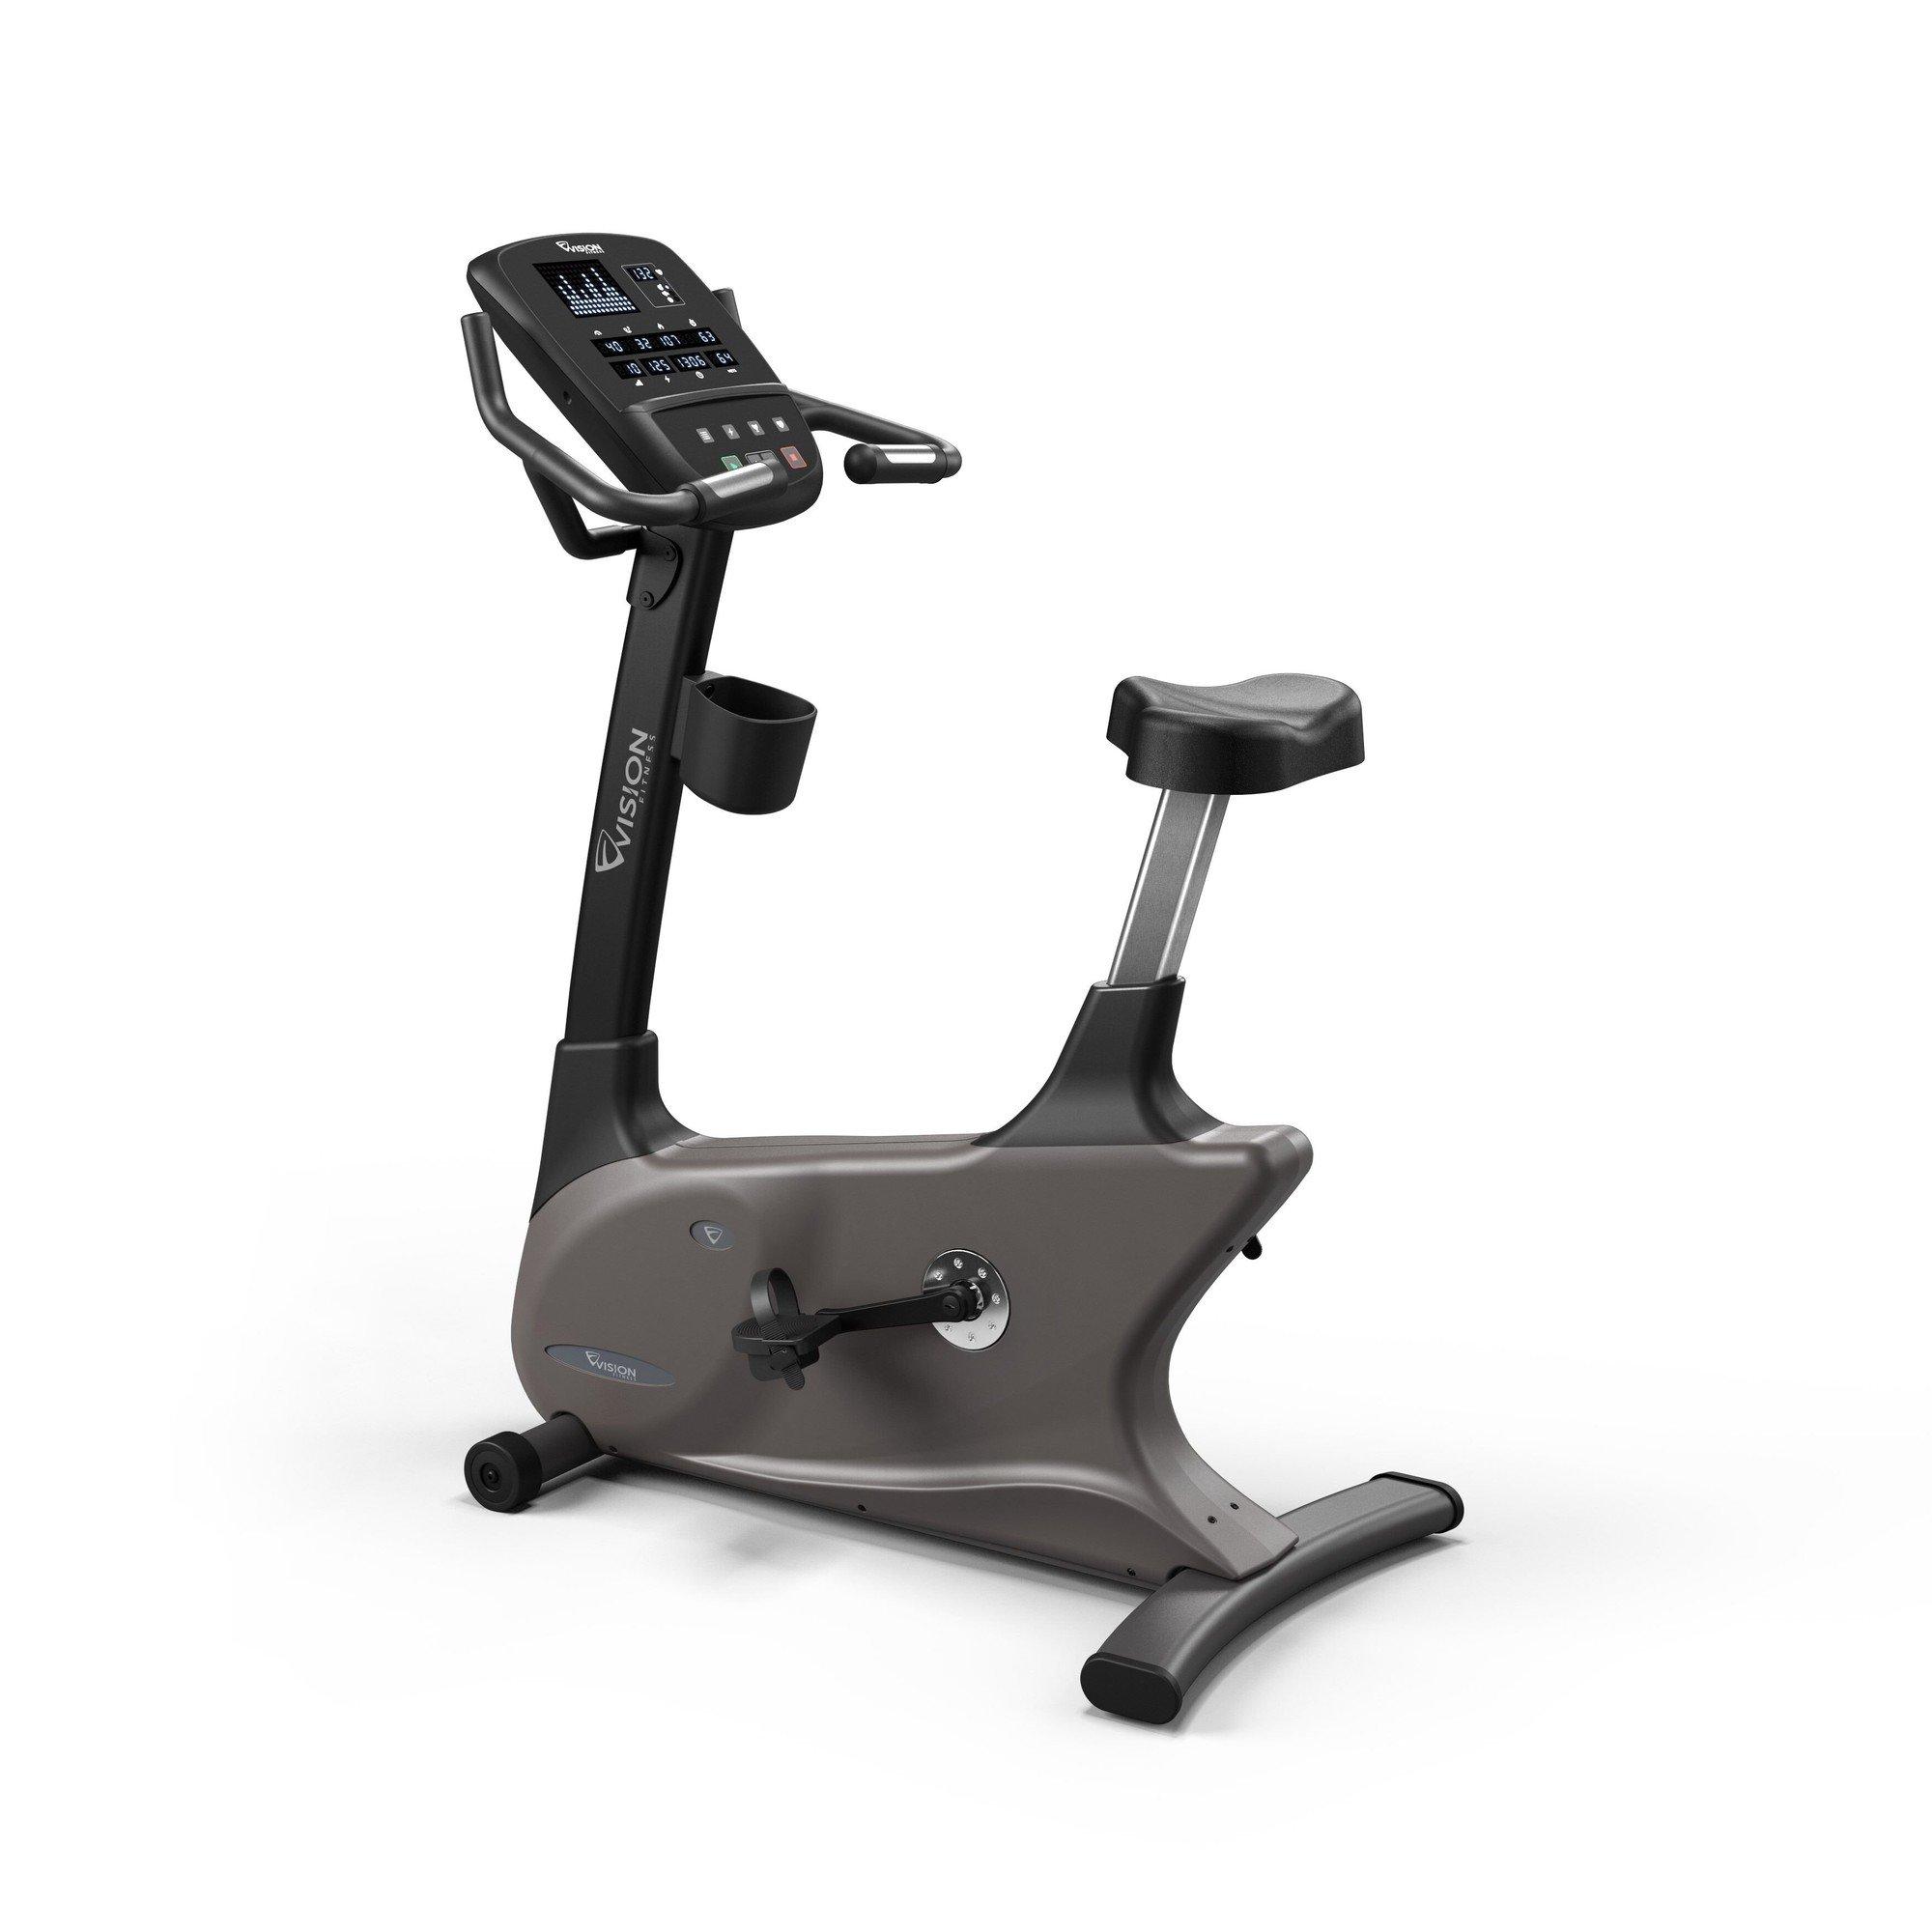 Afbeelding van Vision Fitness U60 hometrainer